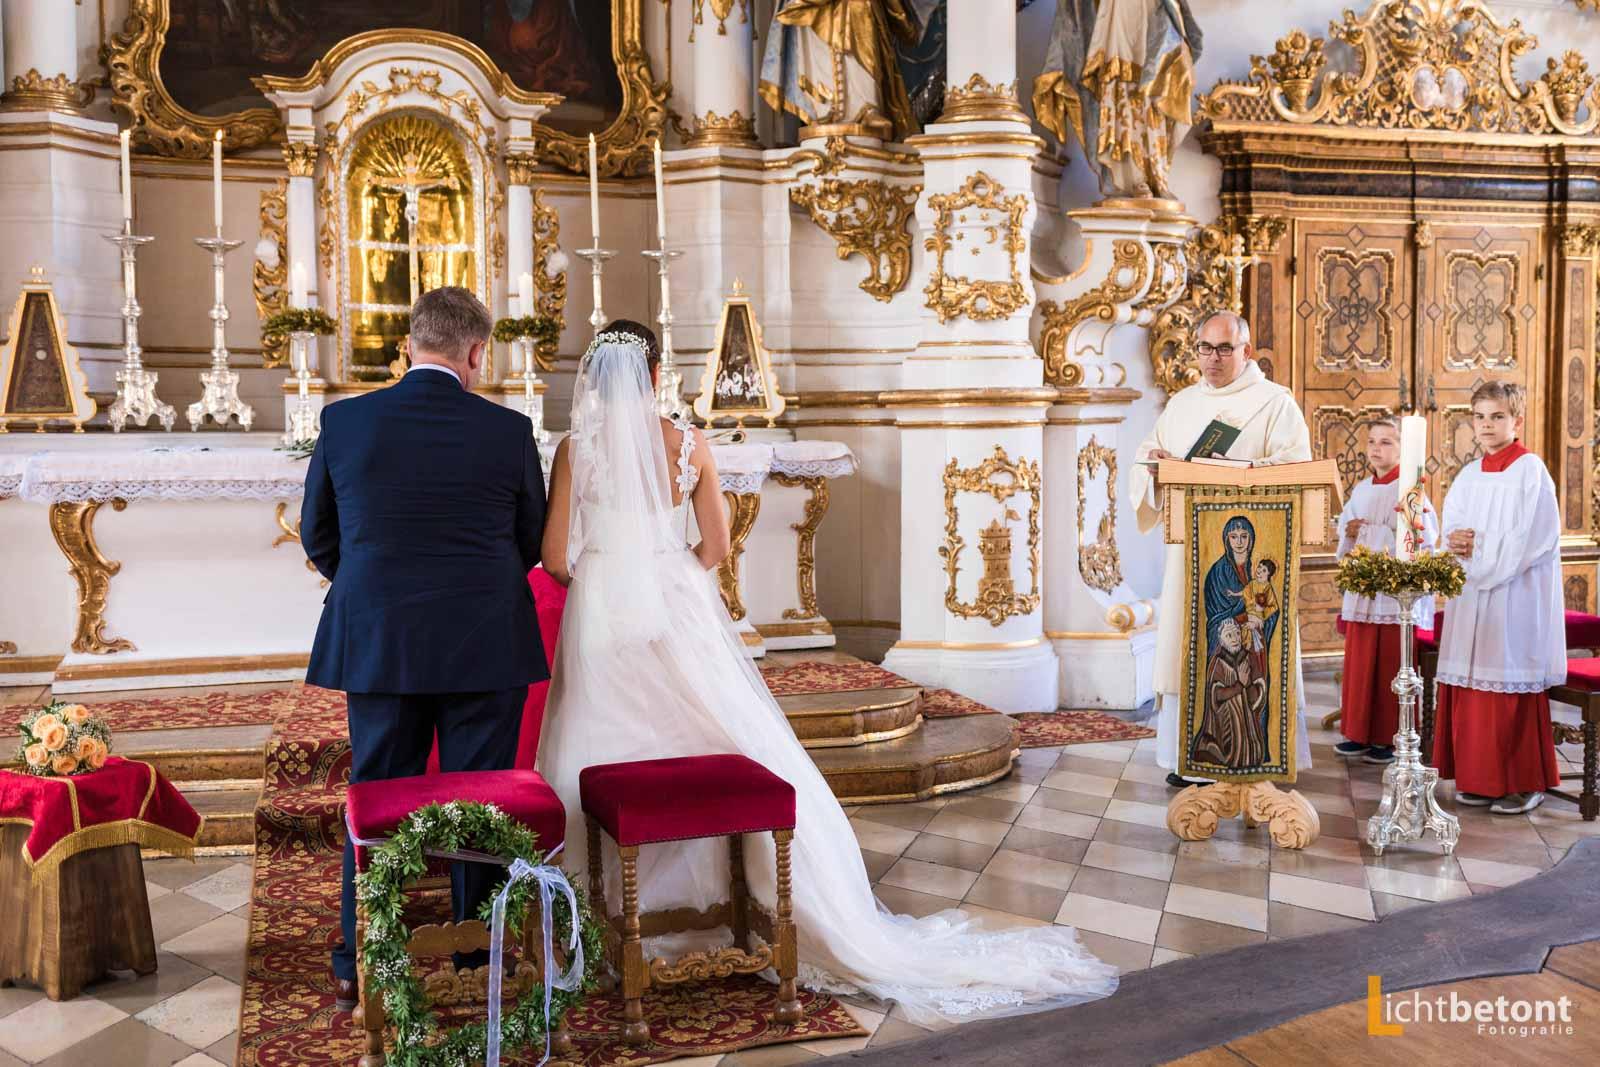 Hochzeitsreportage Seehaus Asam Kirche Ingolstadt Barocksaal Baggersee heiraten Hochzeitsfeier_0032